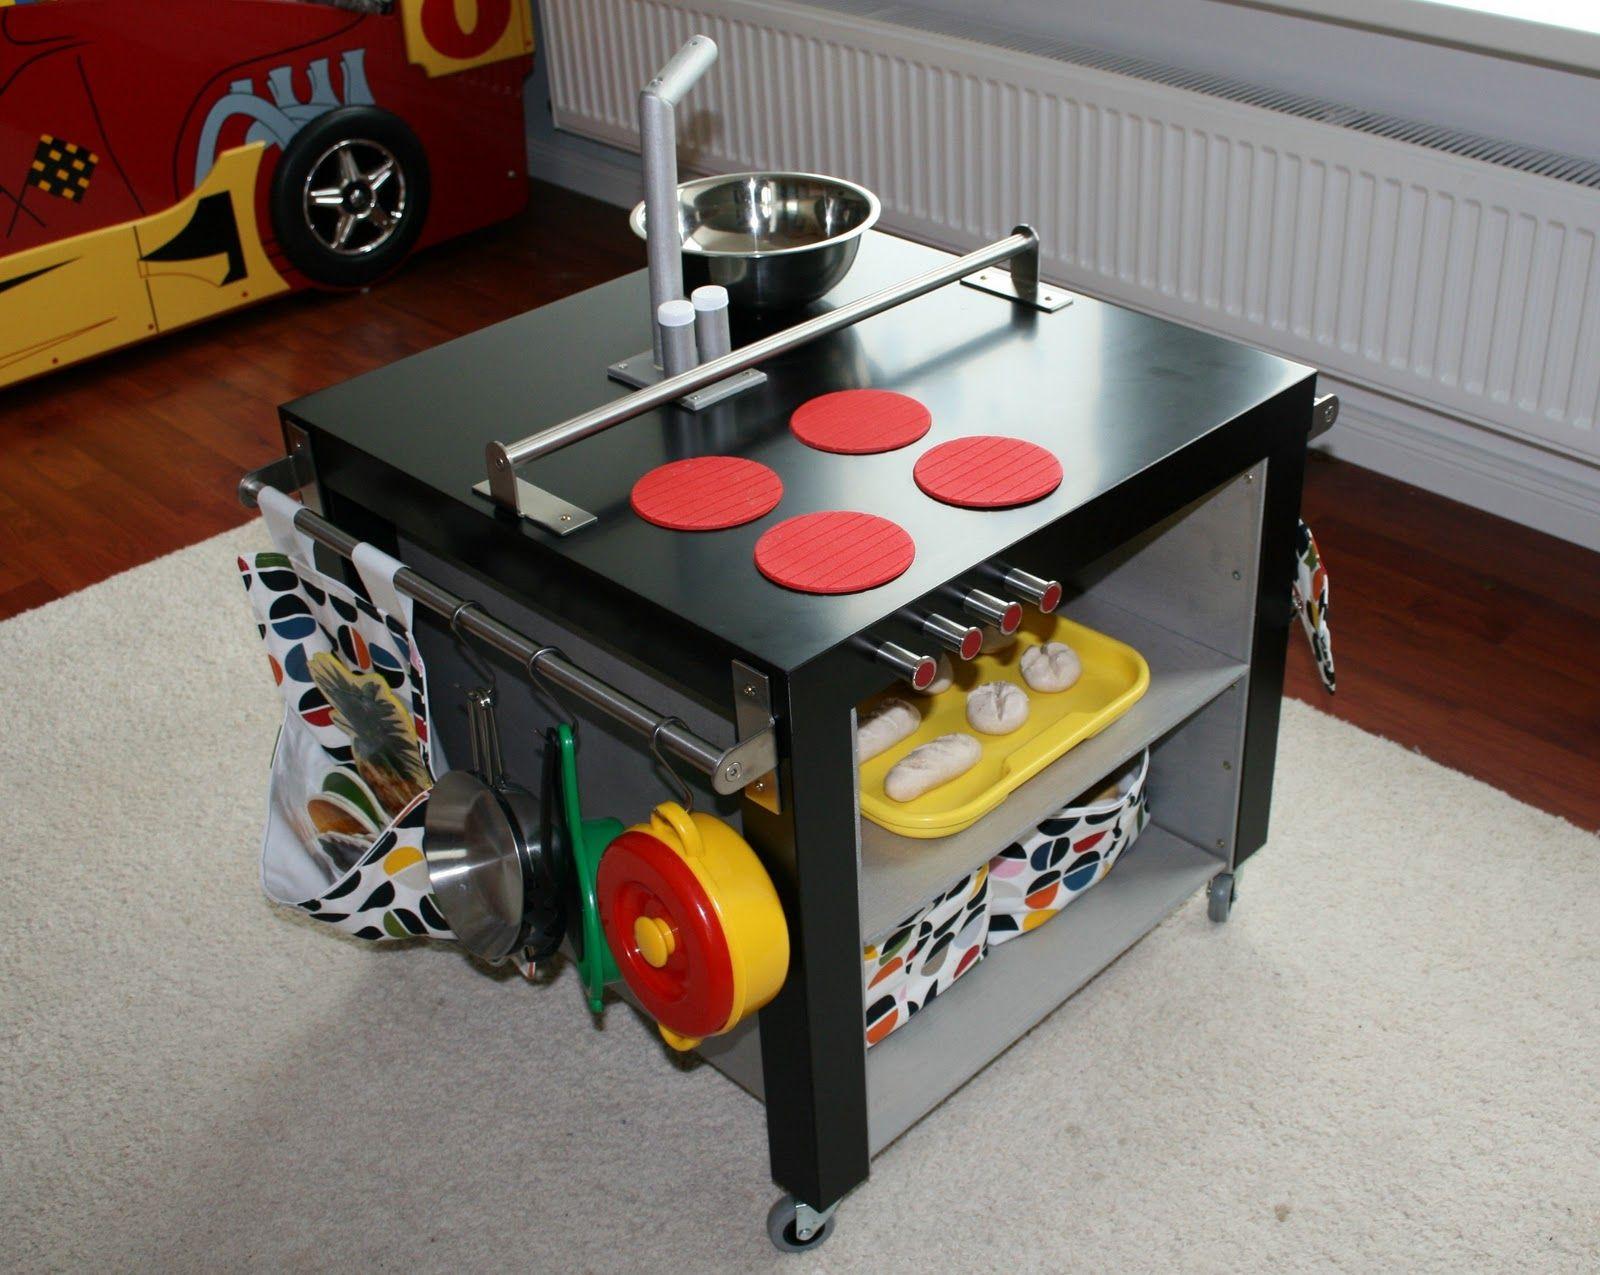 selbstgebastelte Spiel-Küche | vk bau | Pinterest | Spiel, Küche und ...